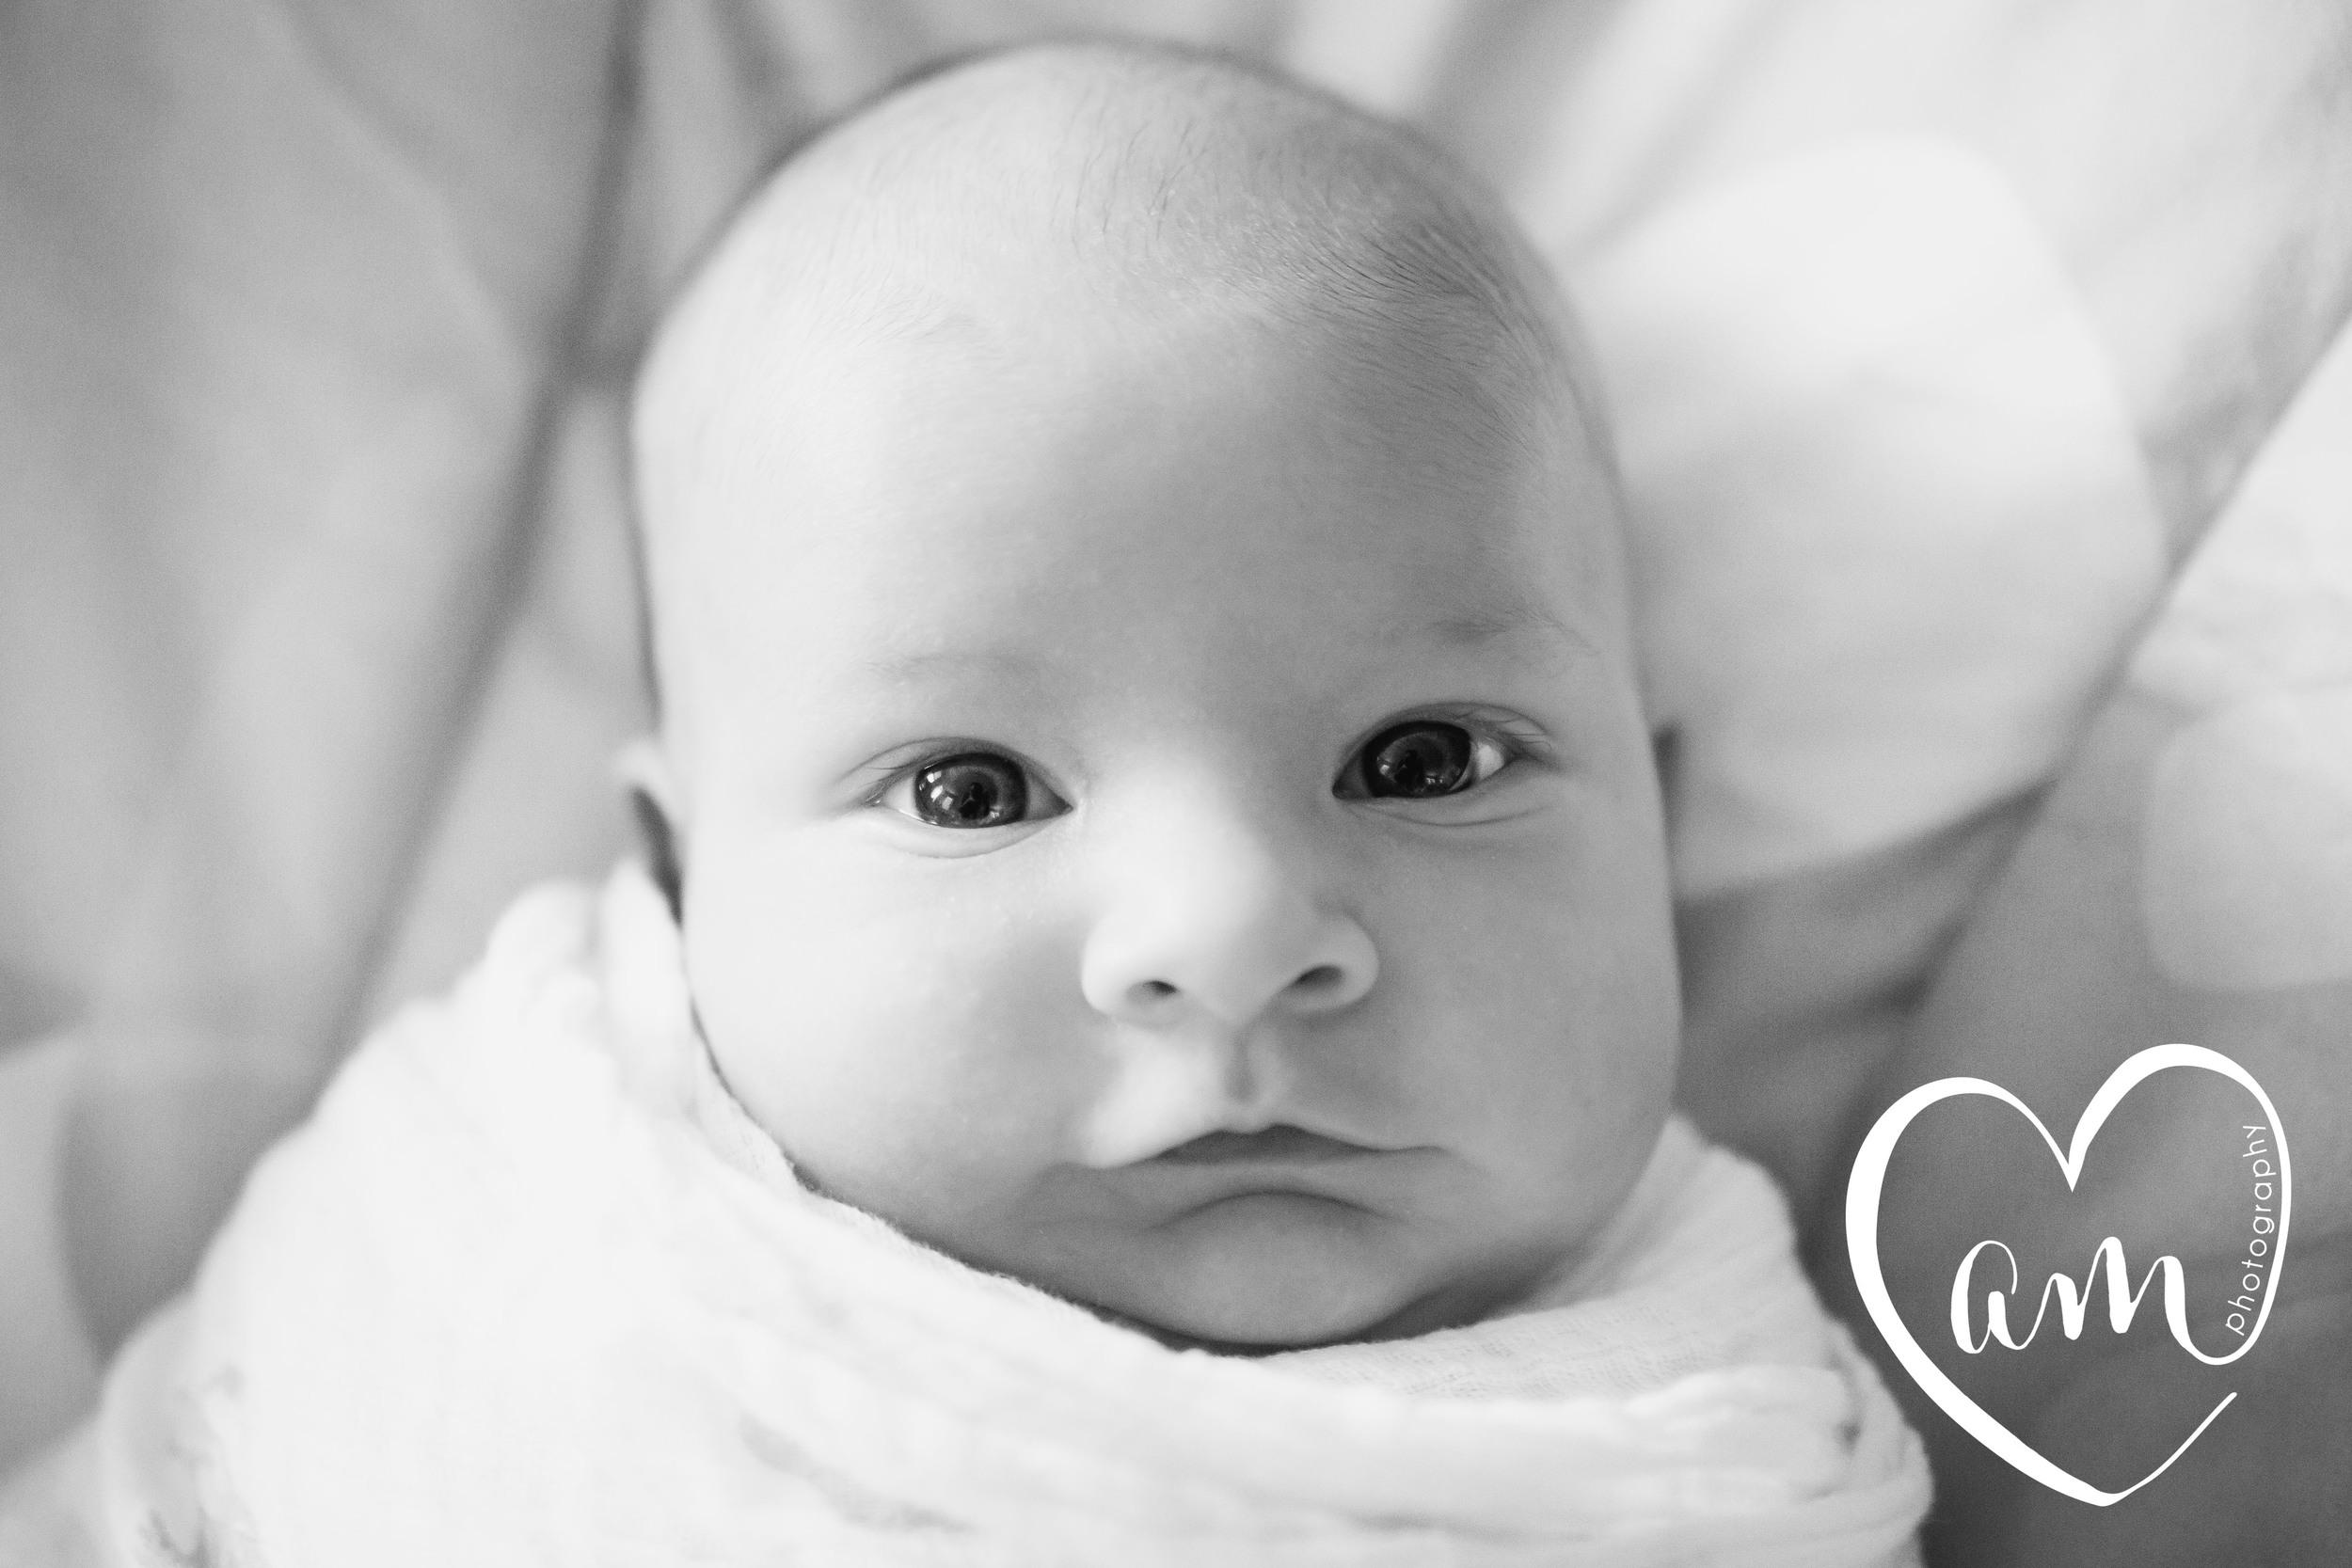 Orlando Newborn Photography. Photo by Amanda Mejias Photography.